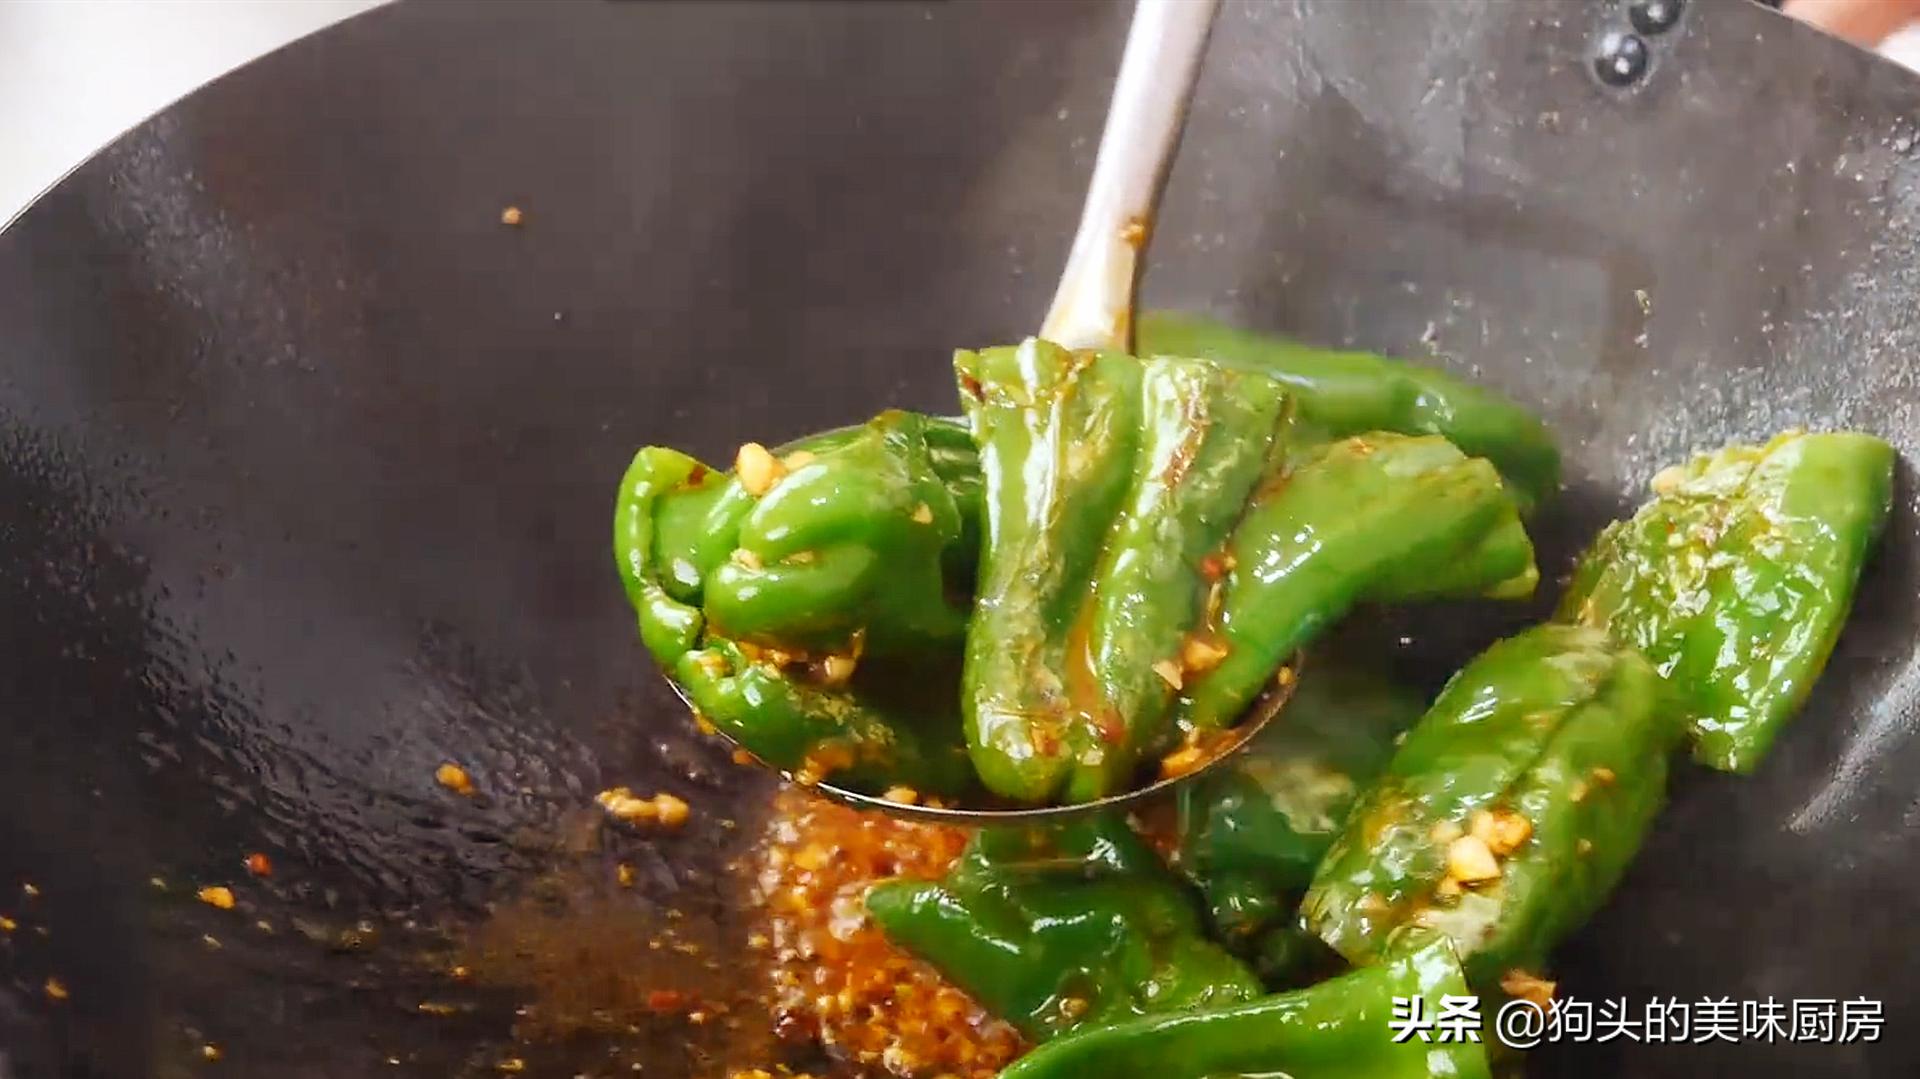 下饭神器虎皮青椒,学会这样做,好吃不油腻,一盘不够吃,真过瘾 美食做法 第12张